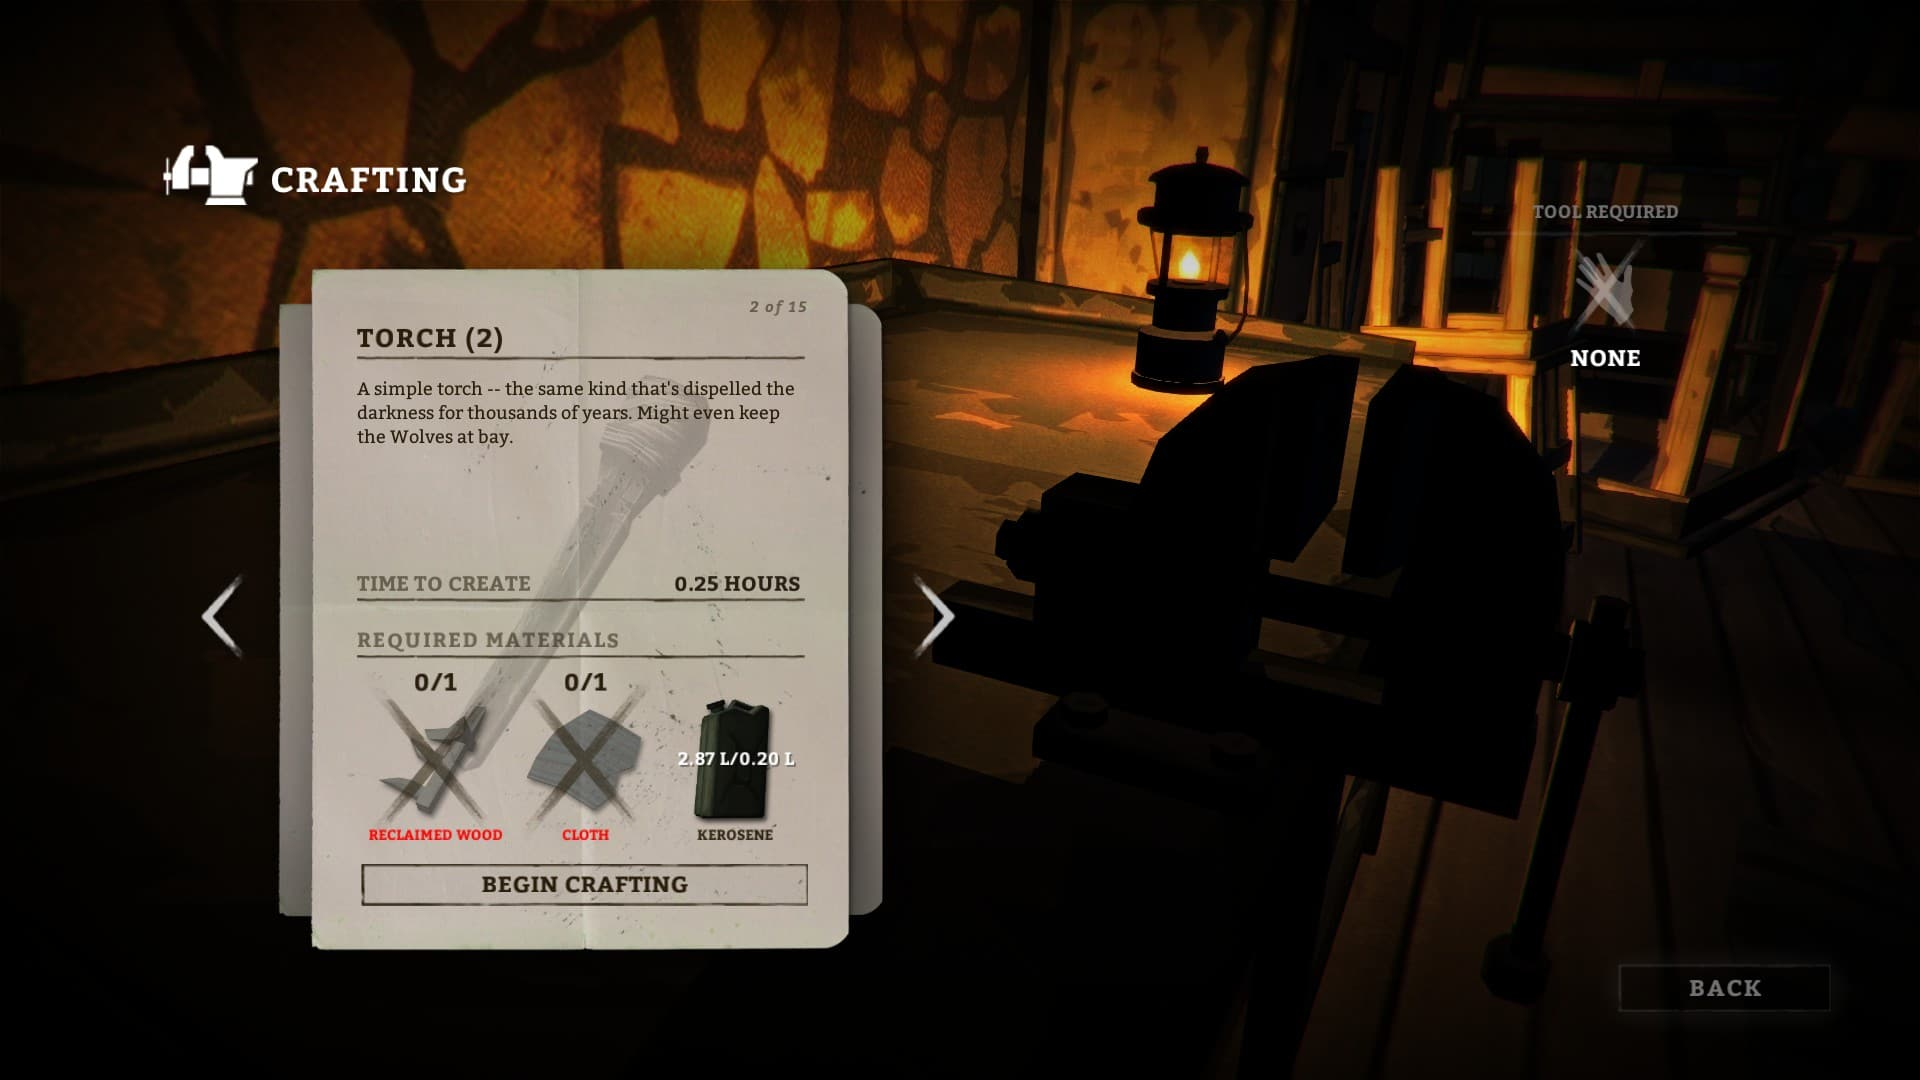 Pochodnię można także uzyskać wyciągając kawałek drewna z ogniska.